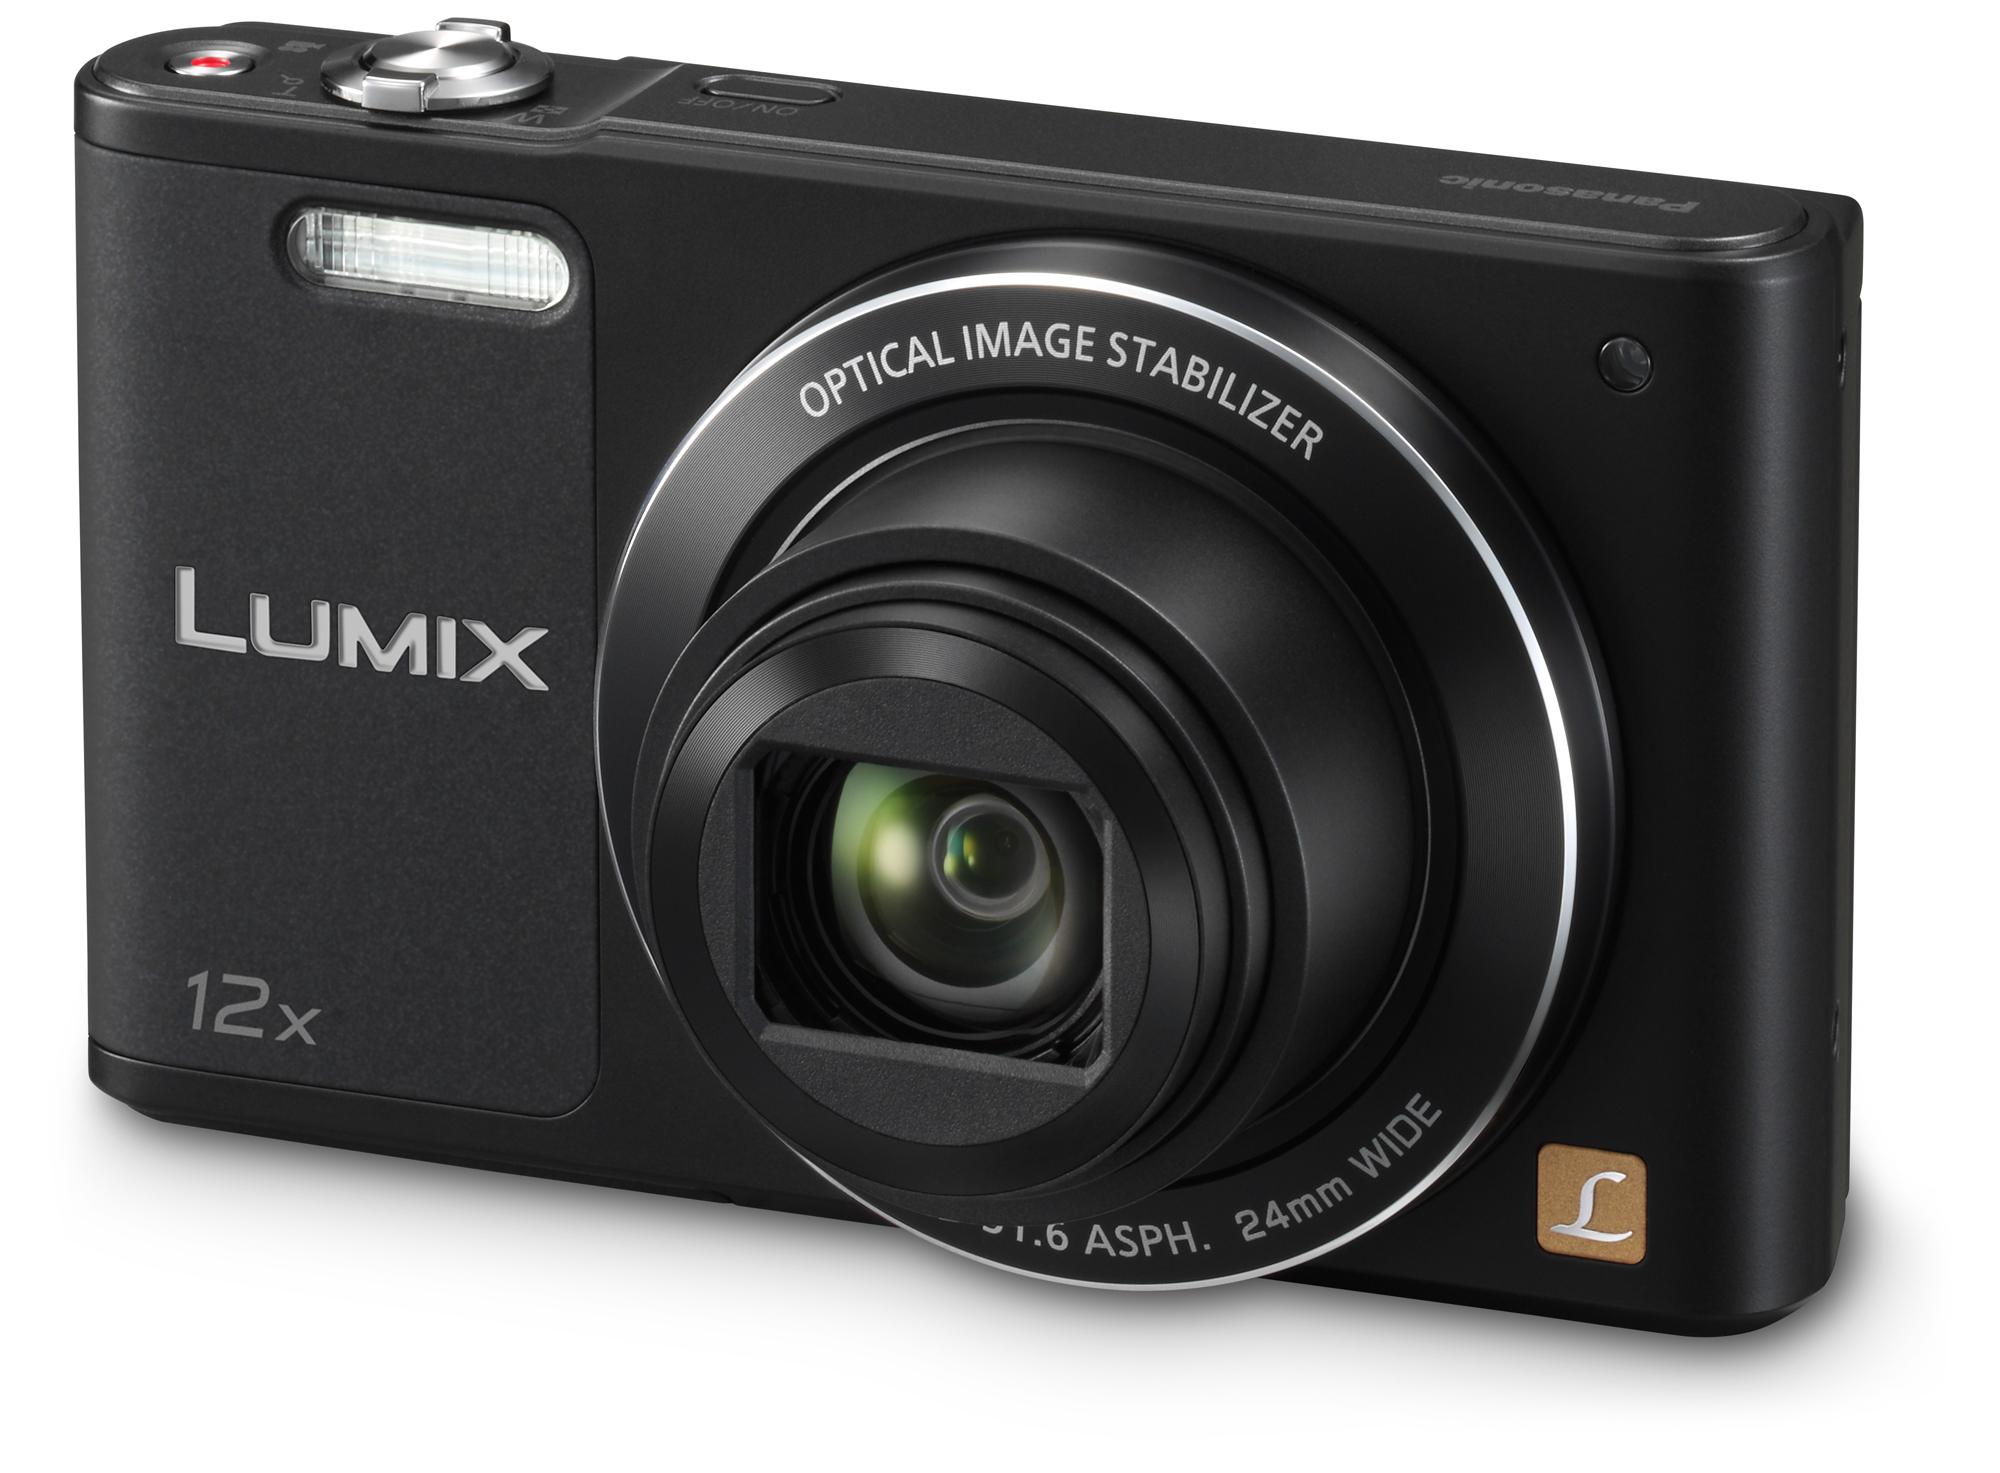 ремонт фотоаппаратов люмикс в москве отличие